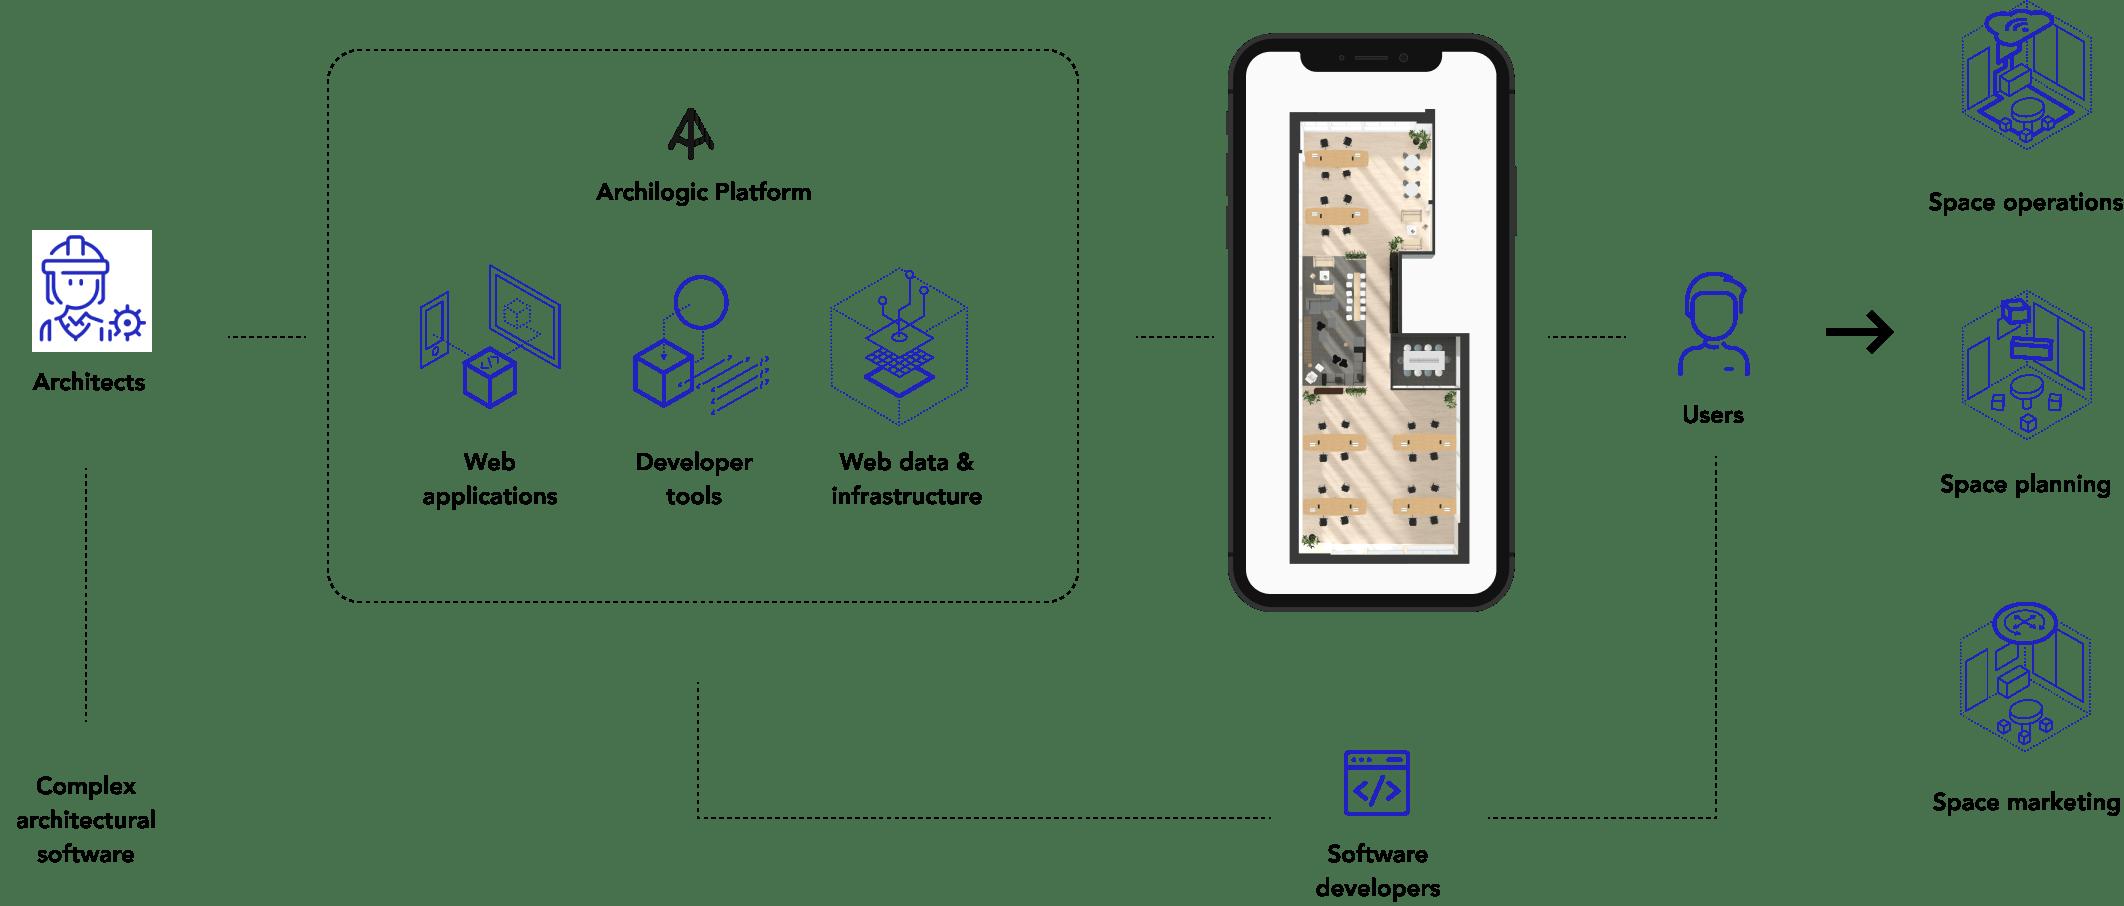 Archilogic Platform Schema